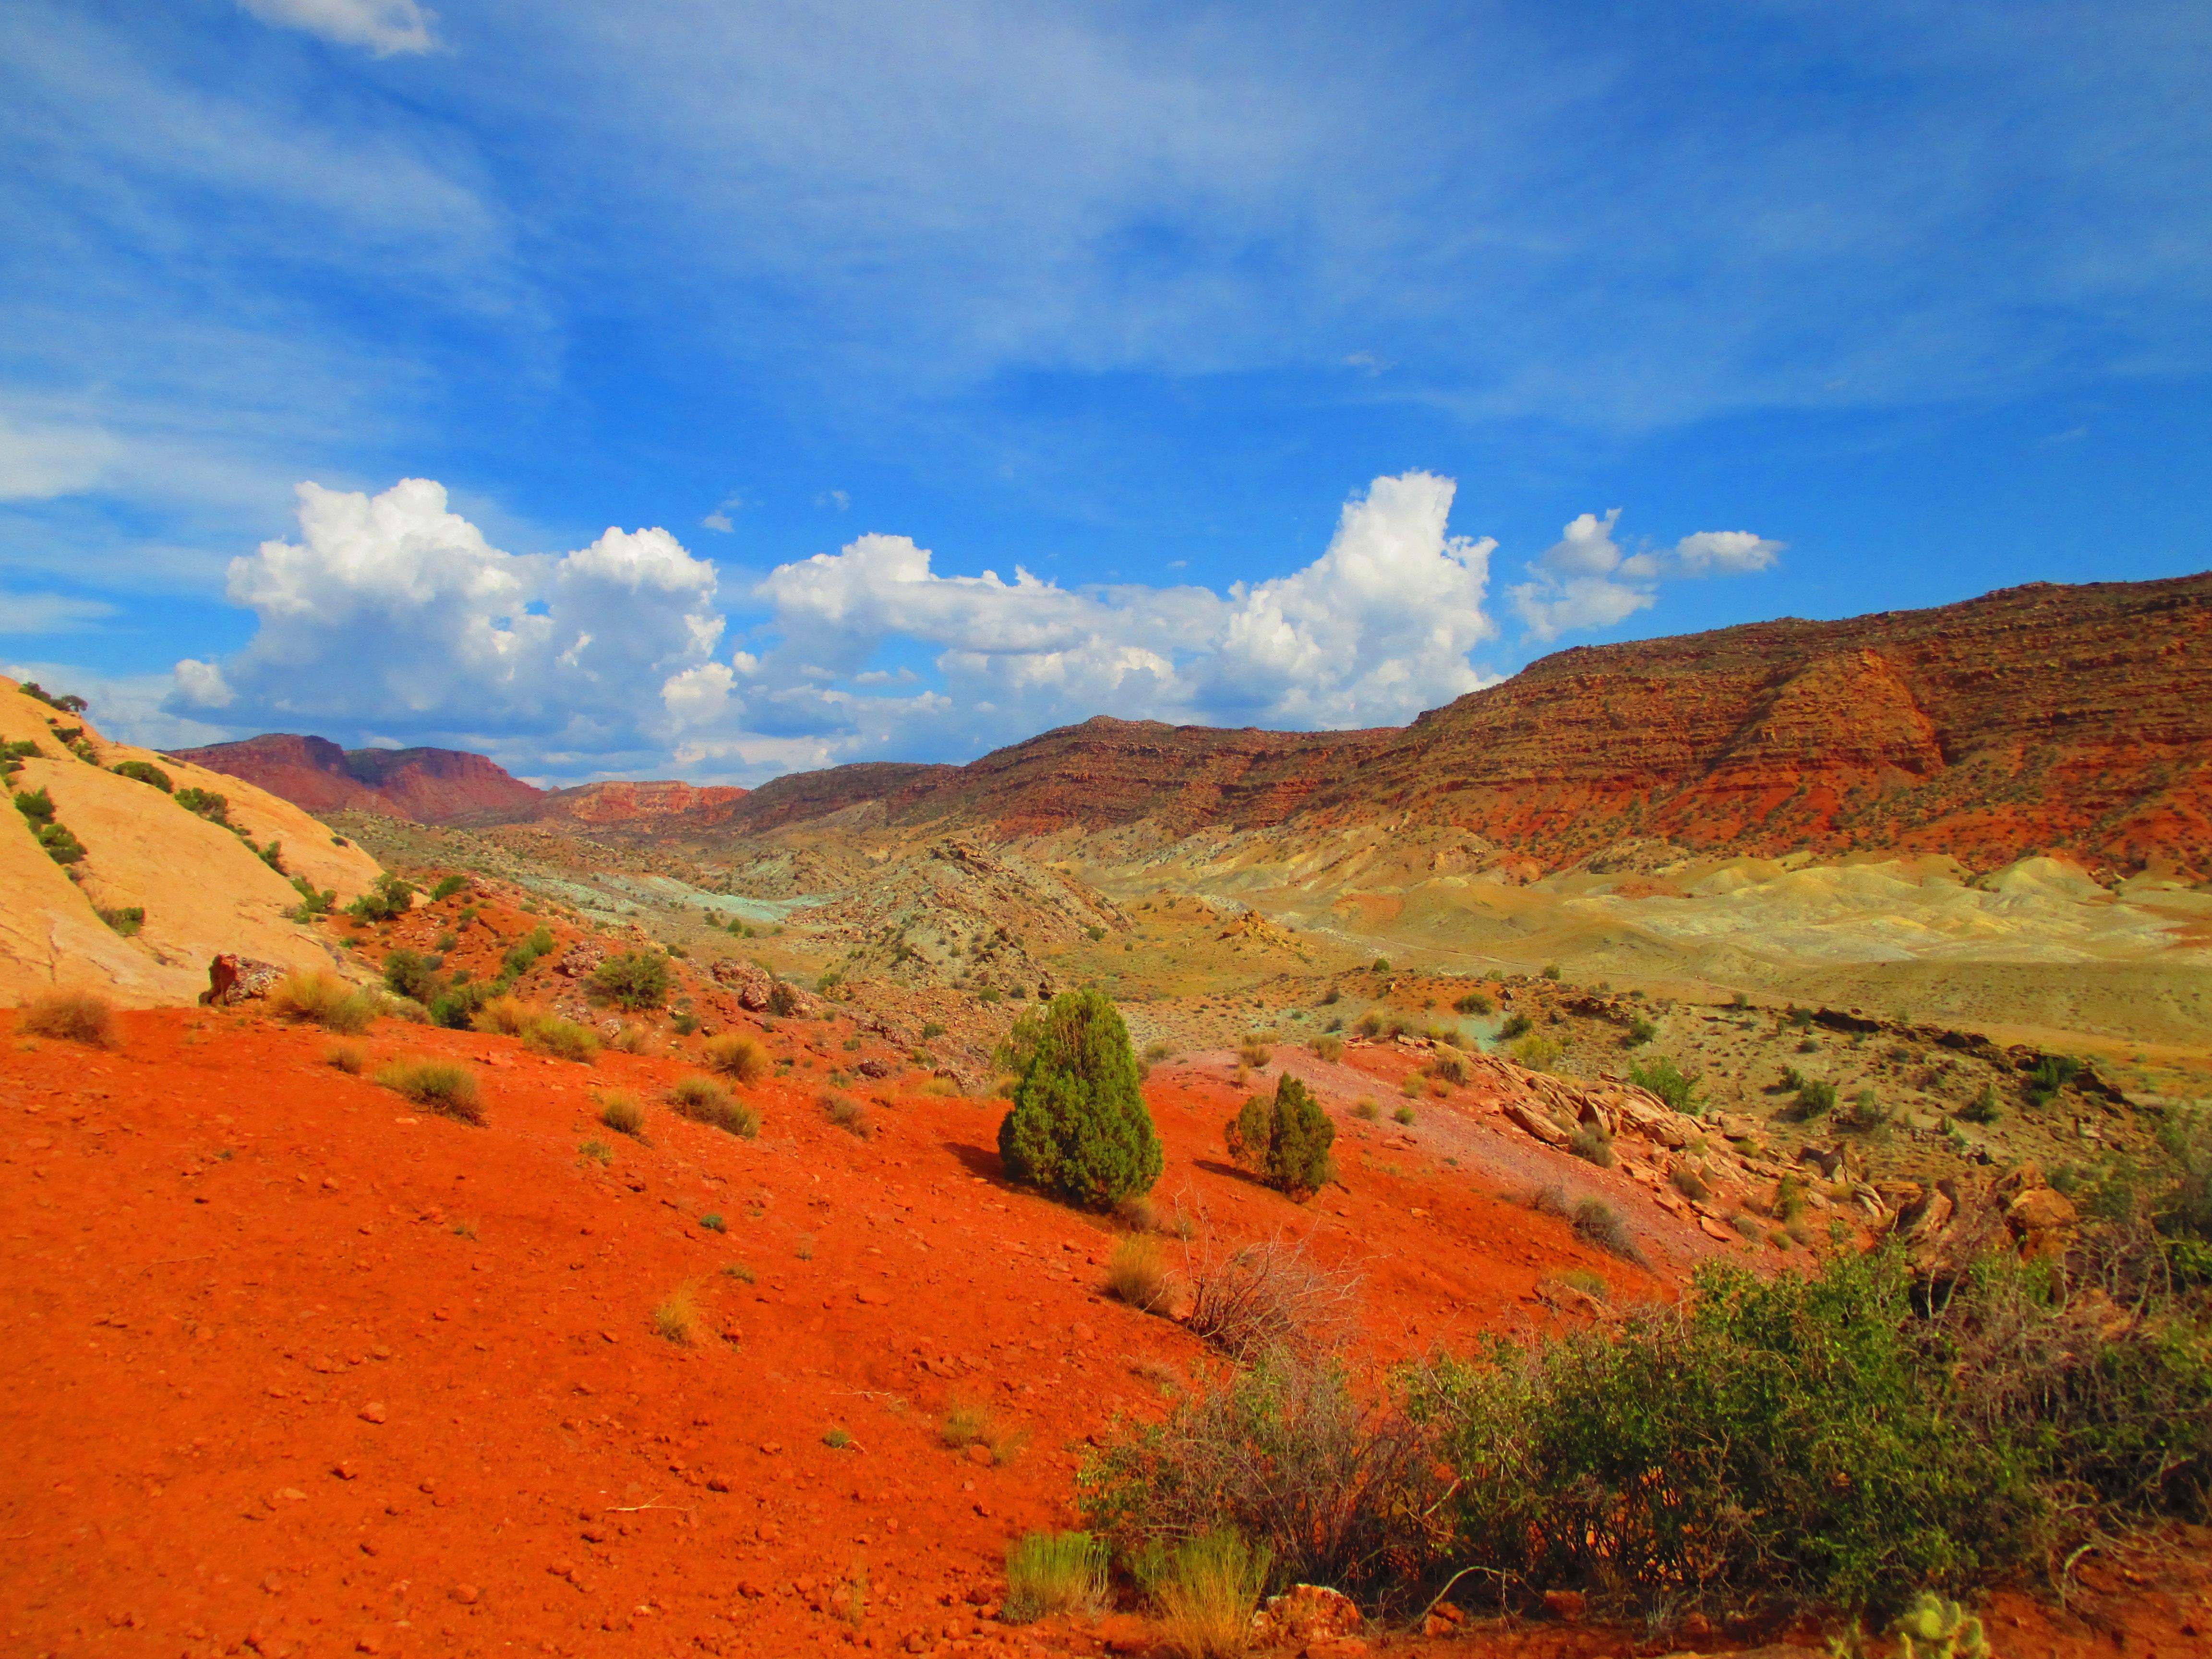 Immagini belle paesaggio natura selvaggia montagna for Semplici paesaggi